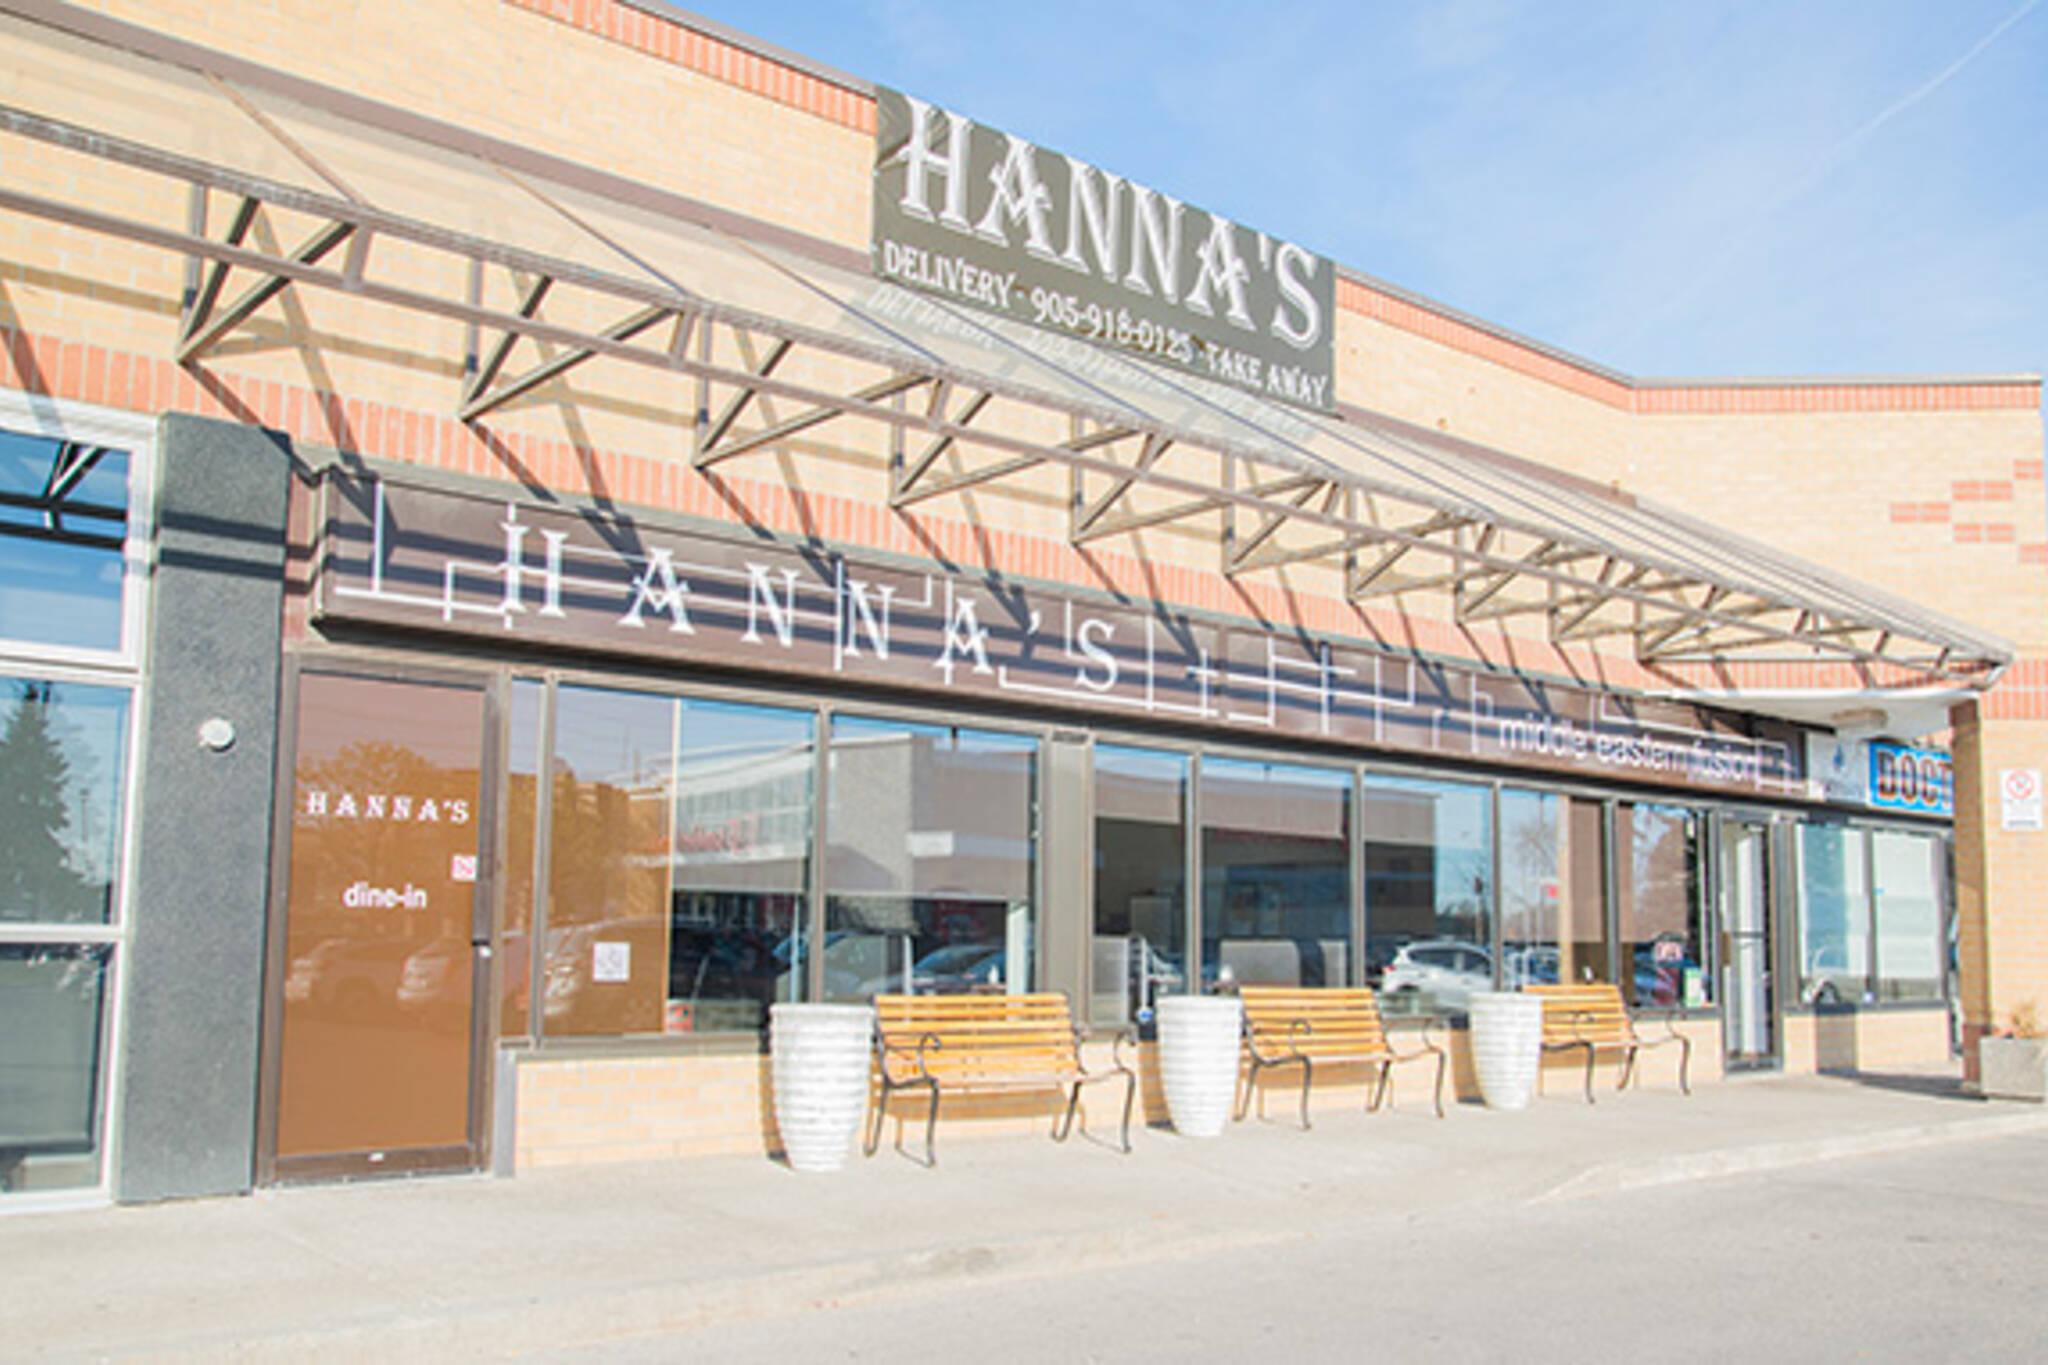 Hanna's Shawarma